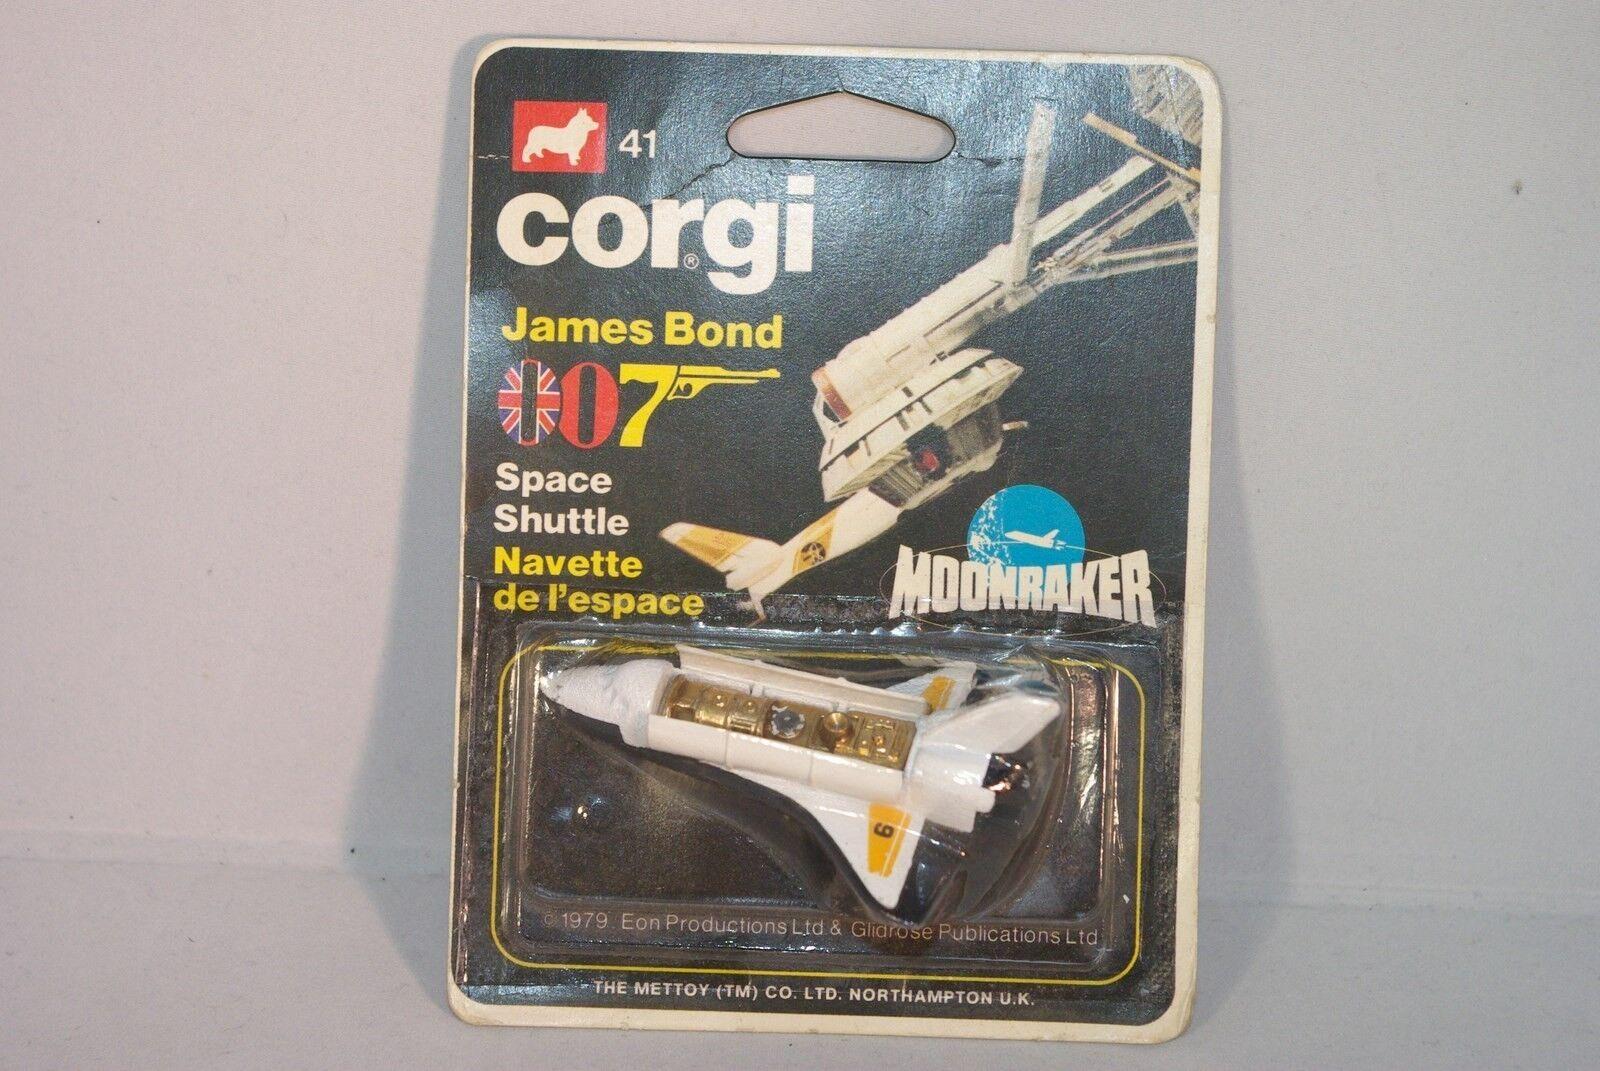 CORGI TOYS 41 JAMES BOND 007 SPACE SHUTTLE MOONRAKER MINT BOXED SELTEN RARE